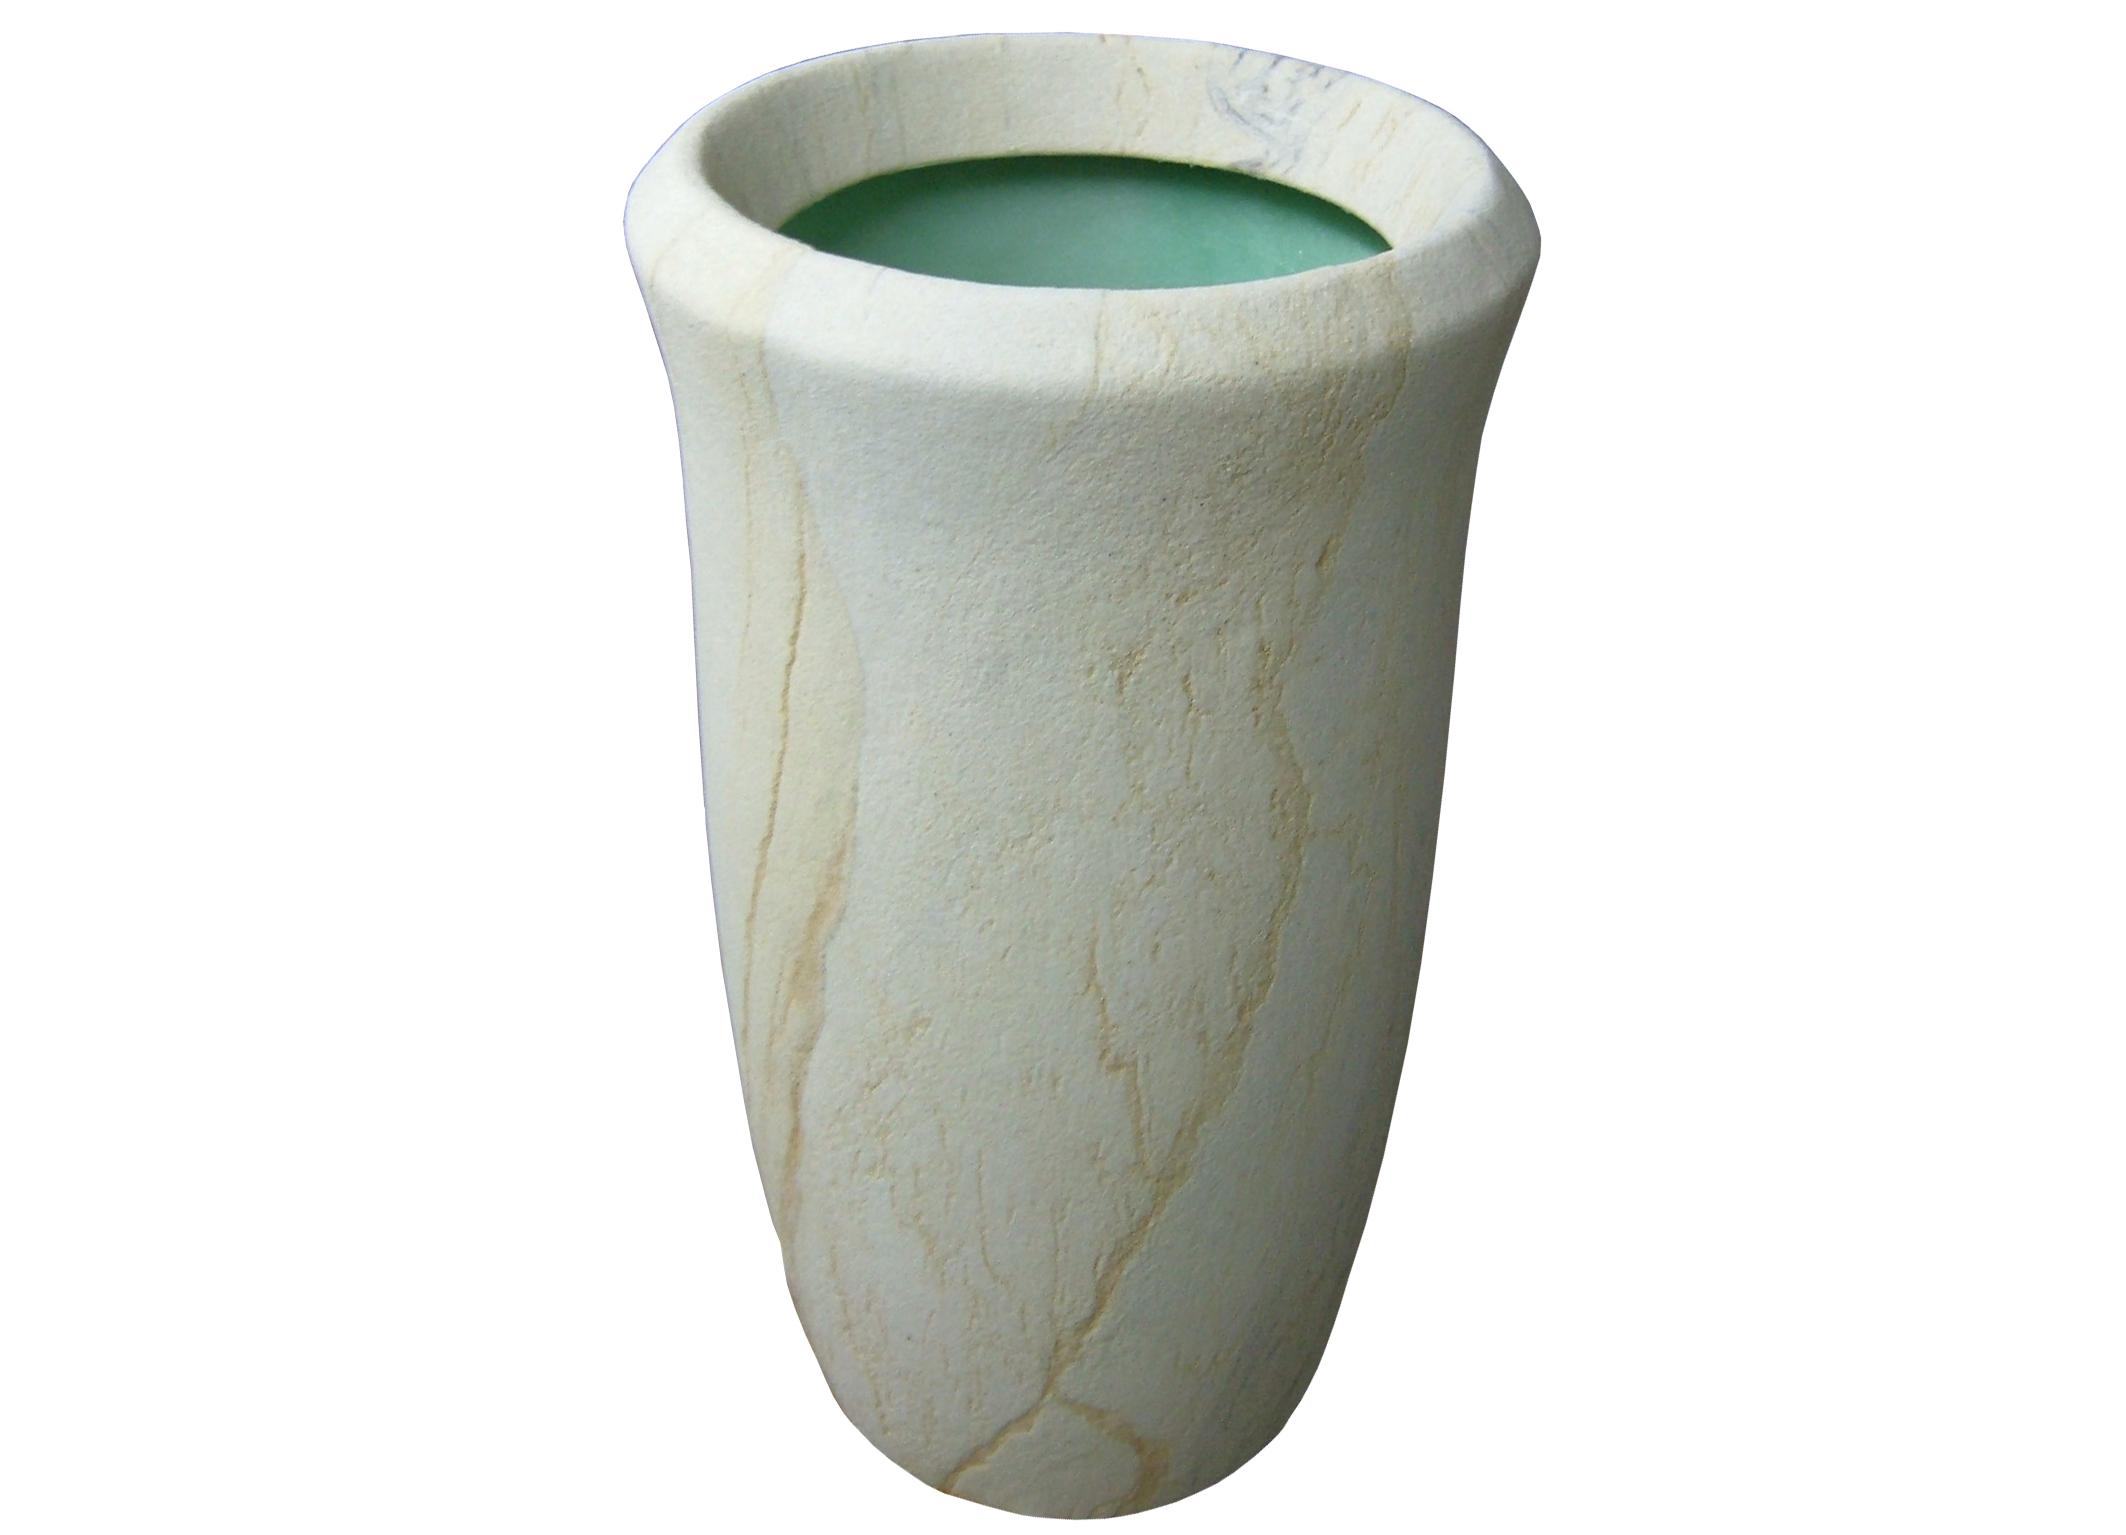 Carbonový stůl,laminátové vázy